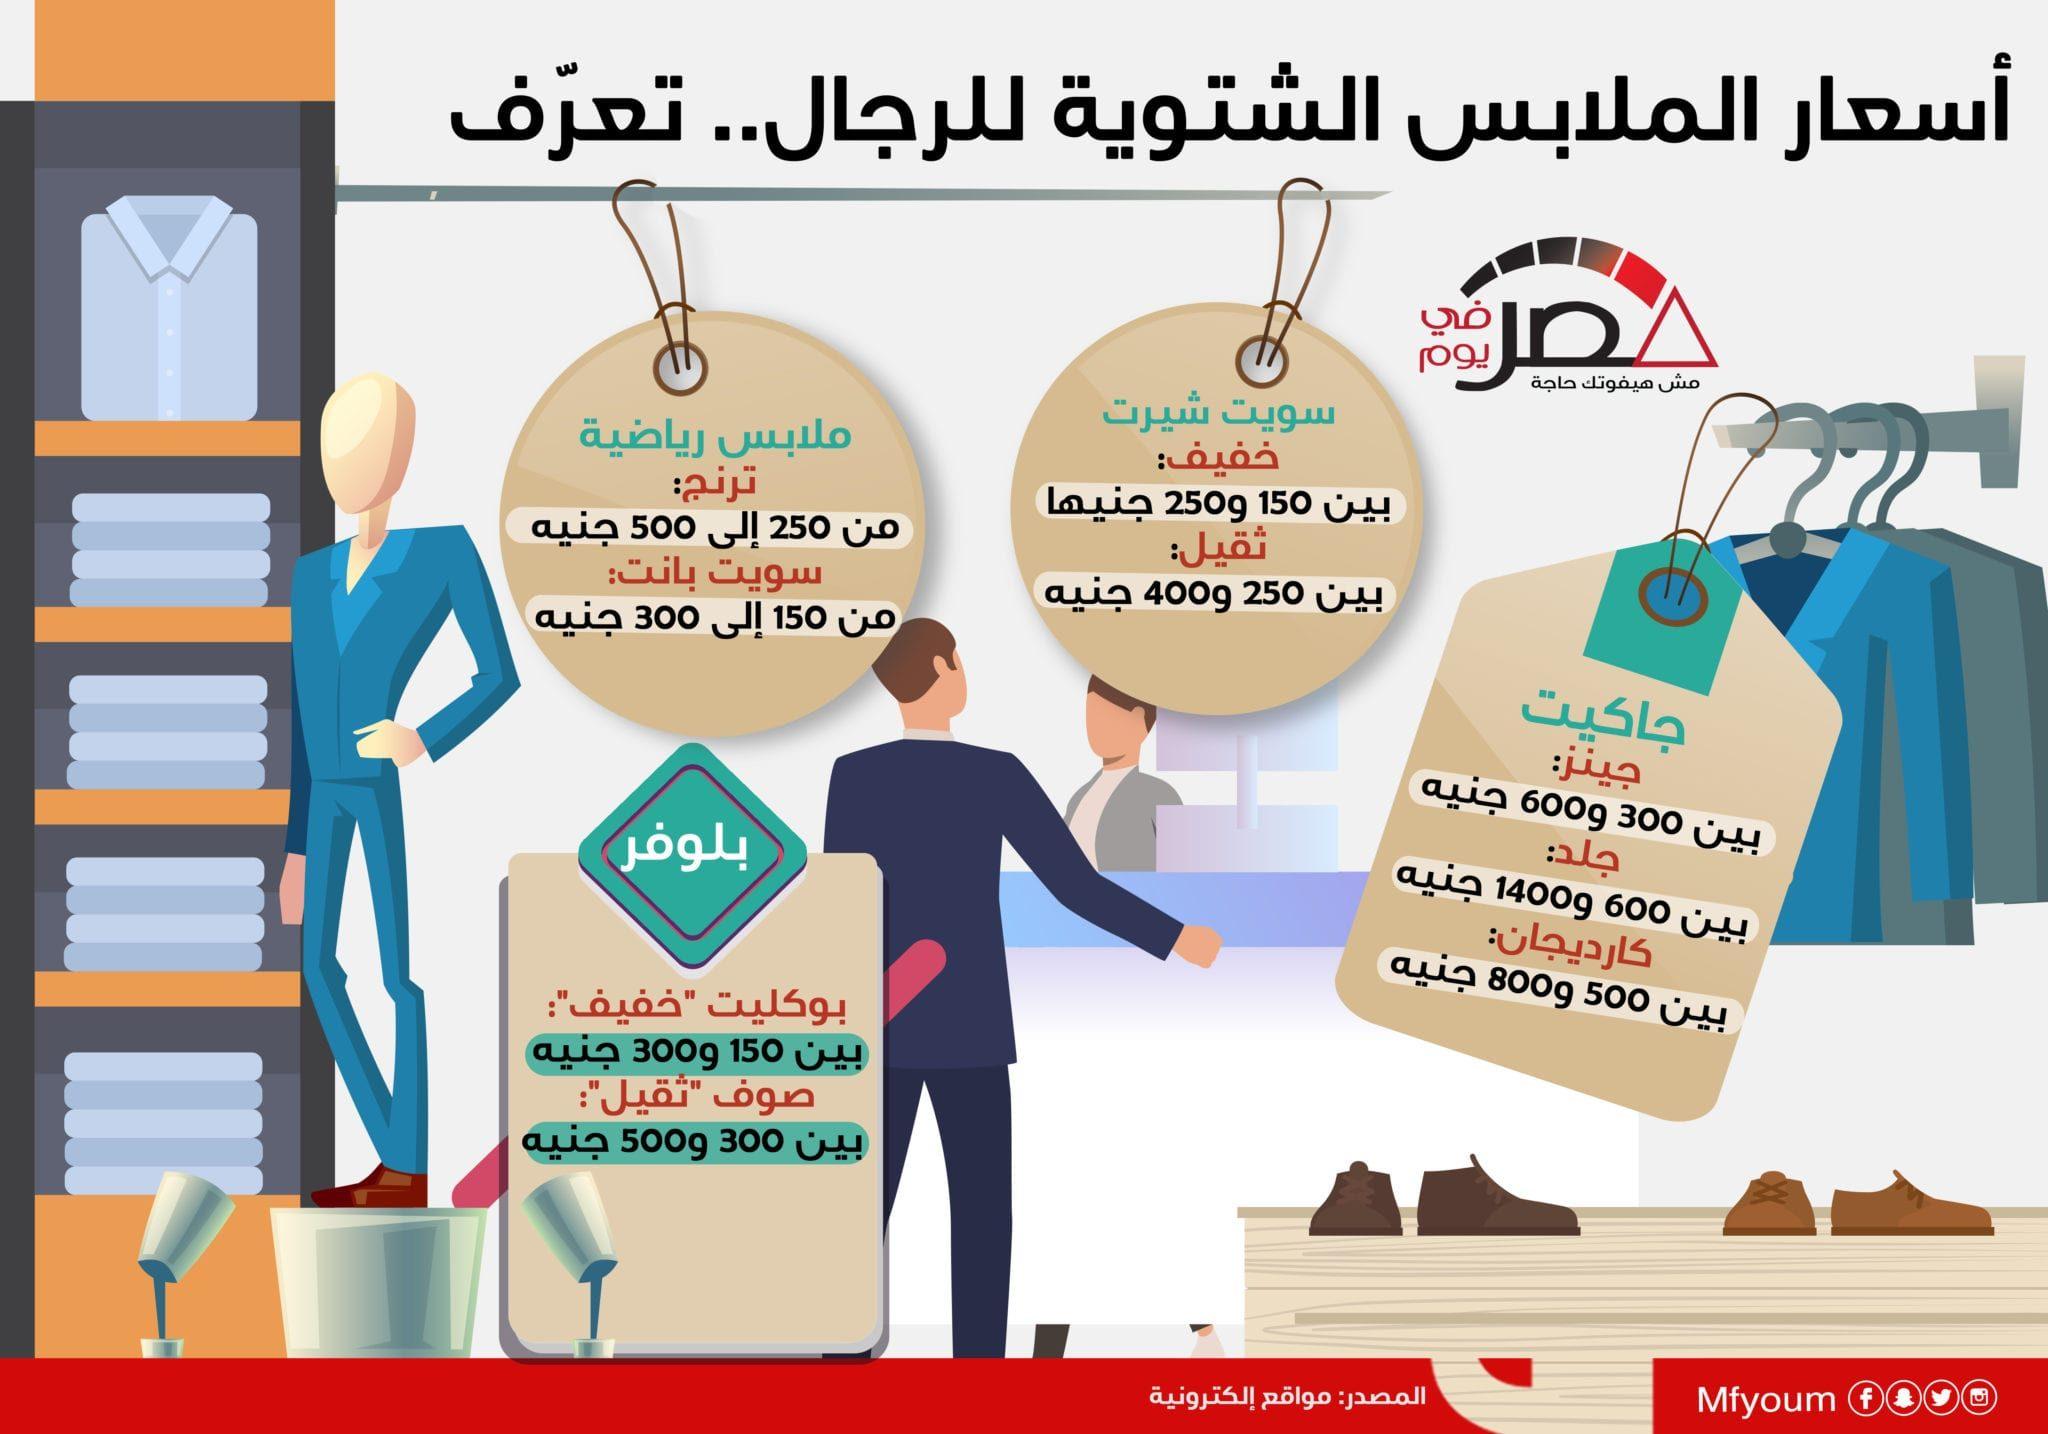 موقع مدى مصر